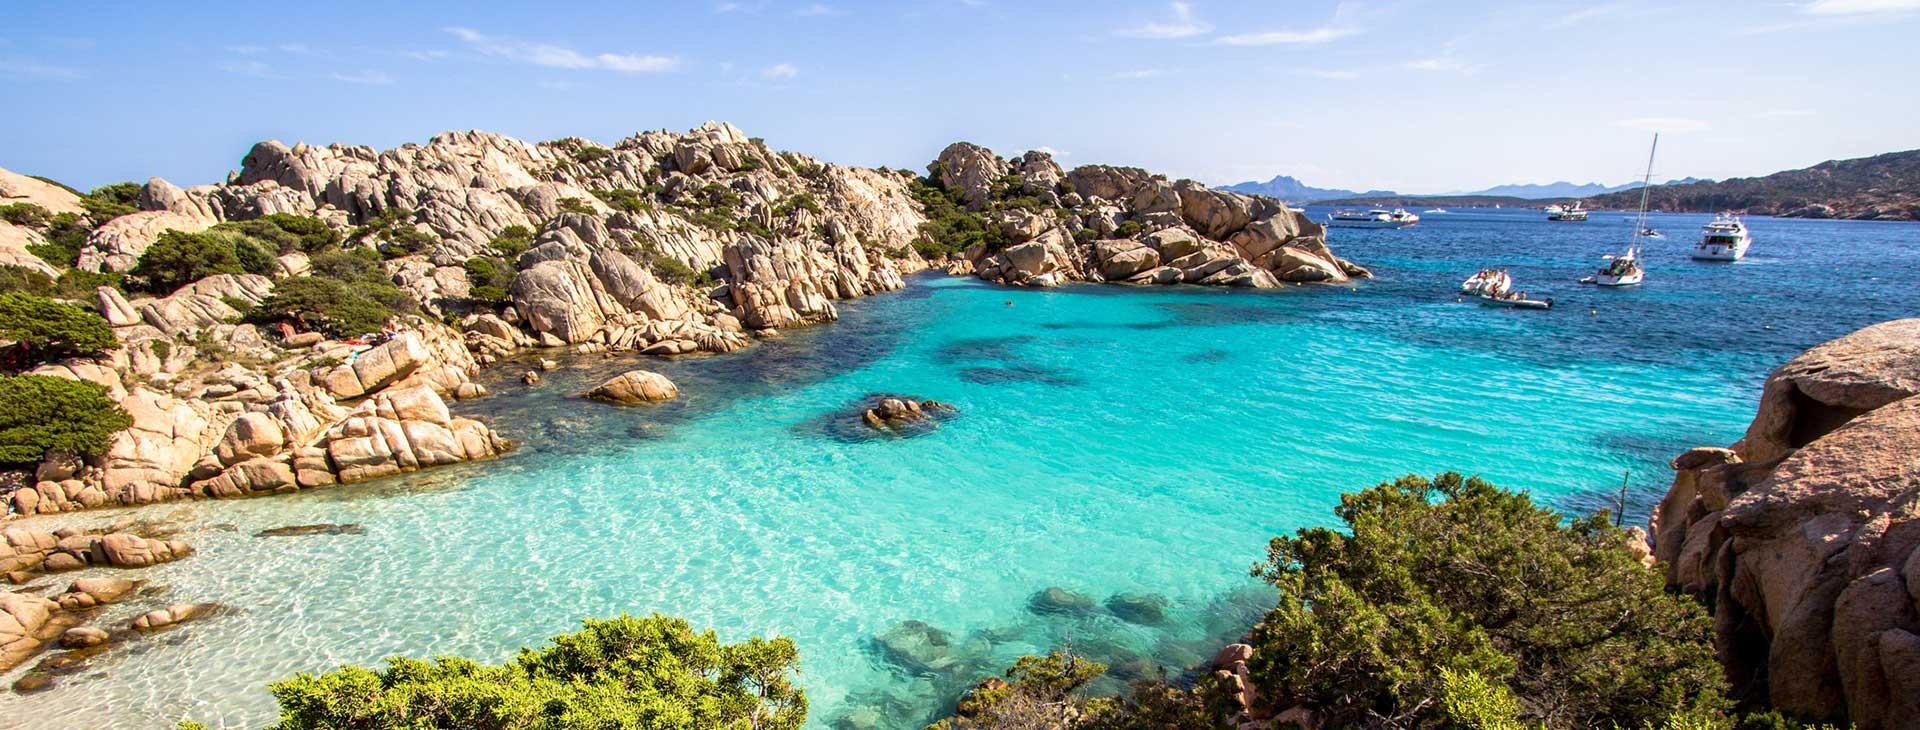 wycieczka objazdowa Sardynia i Korsyka